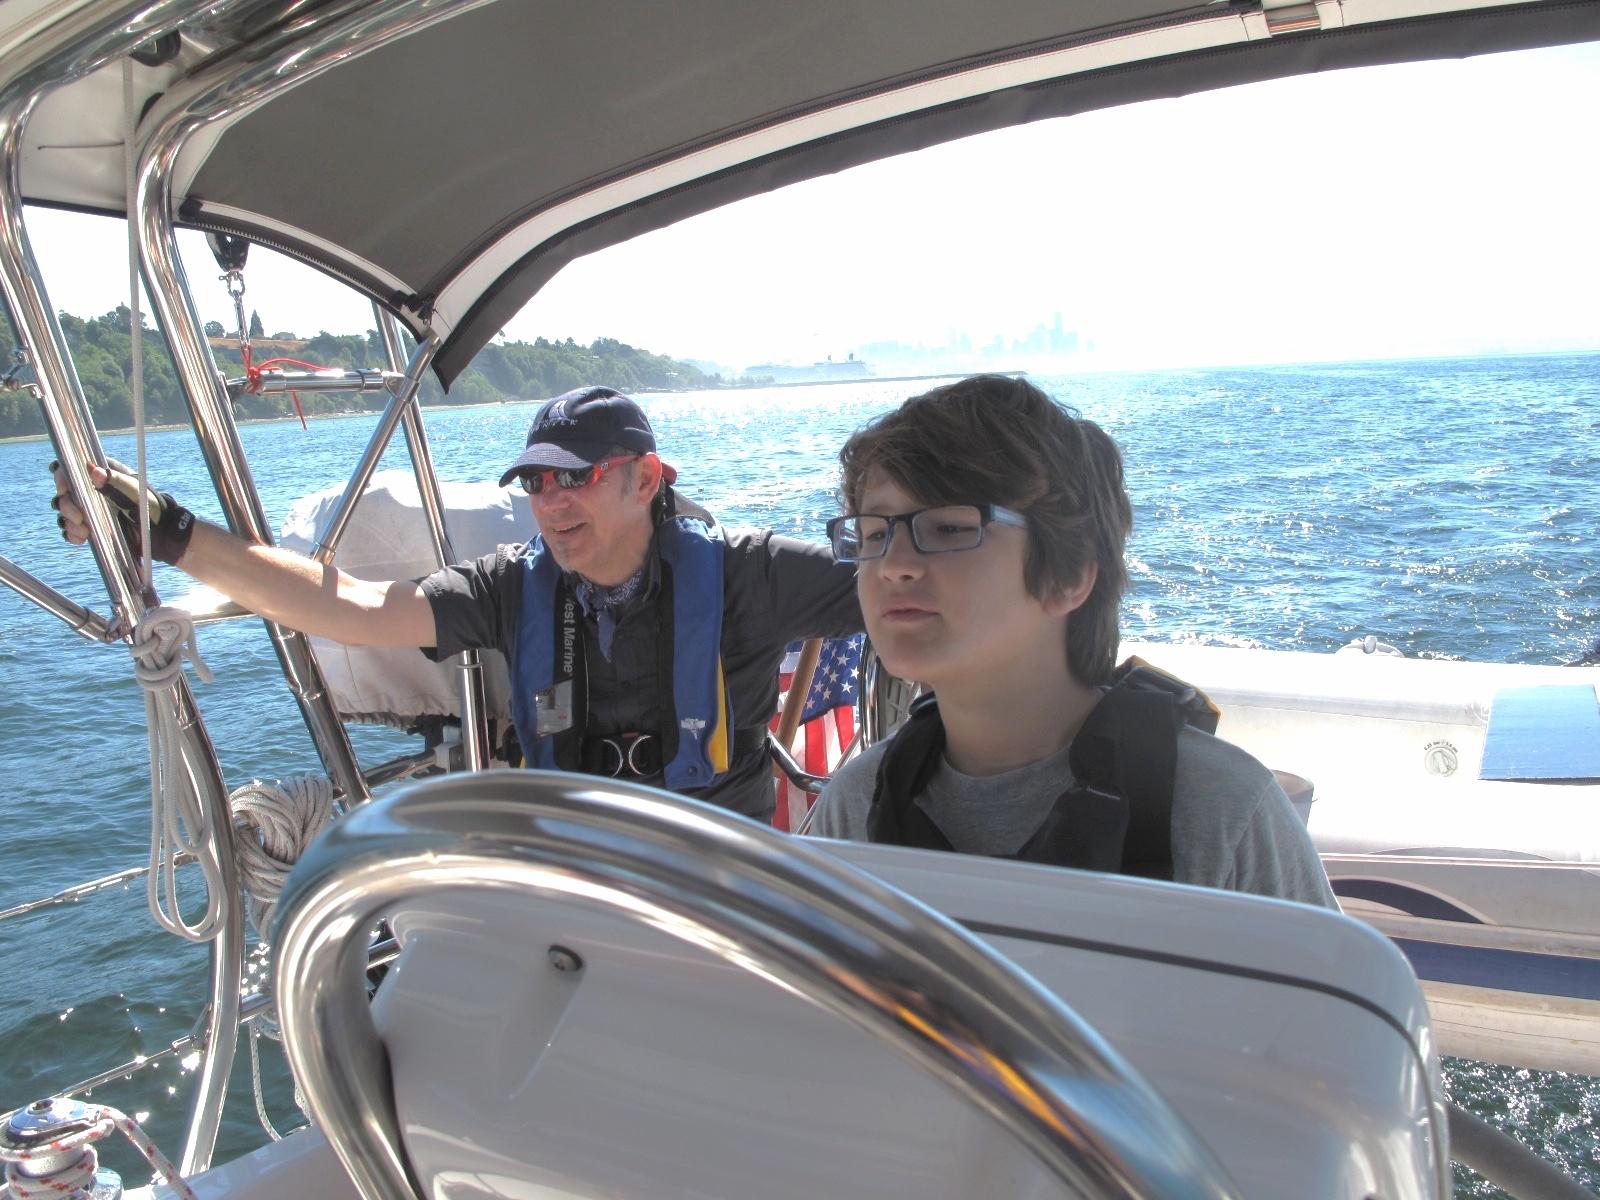 Teaching seamanship, Puget Sound